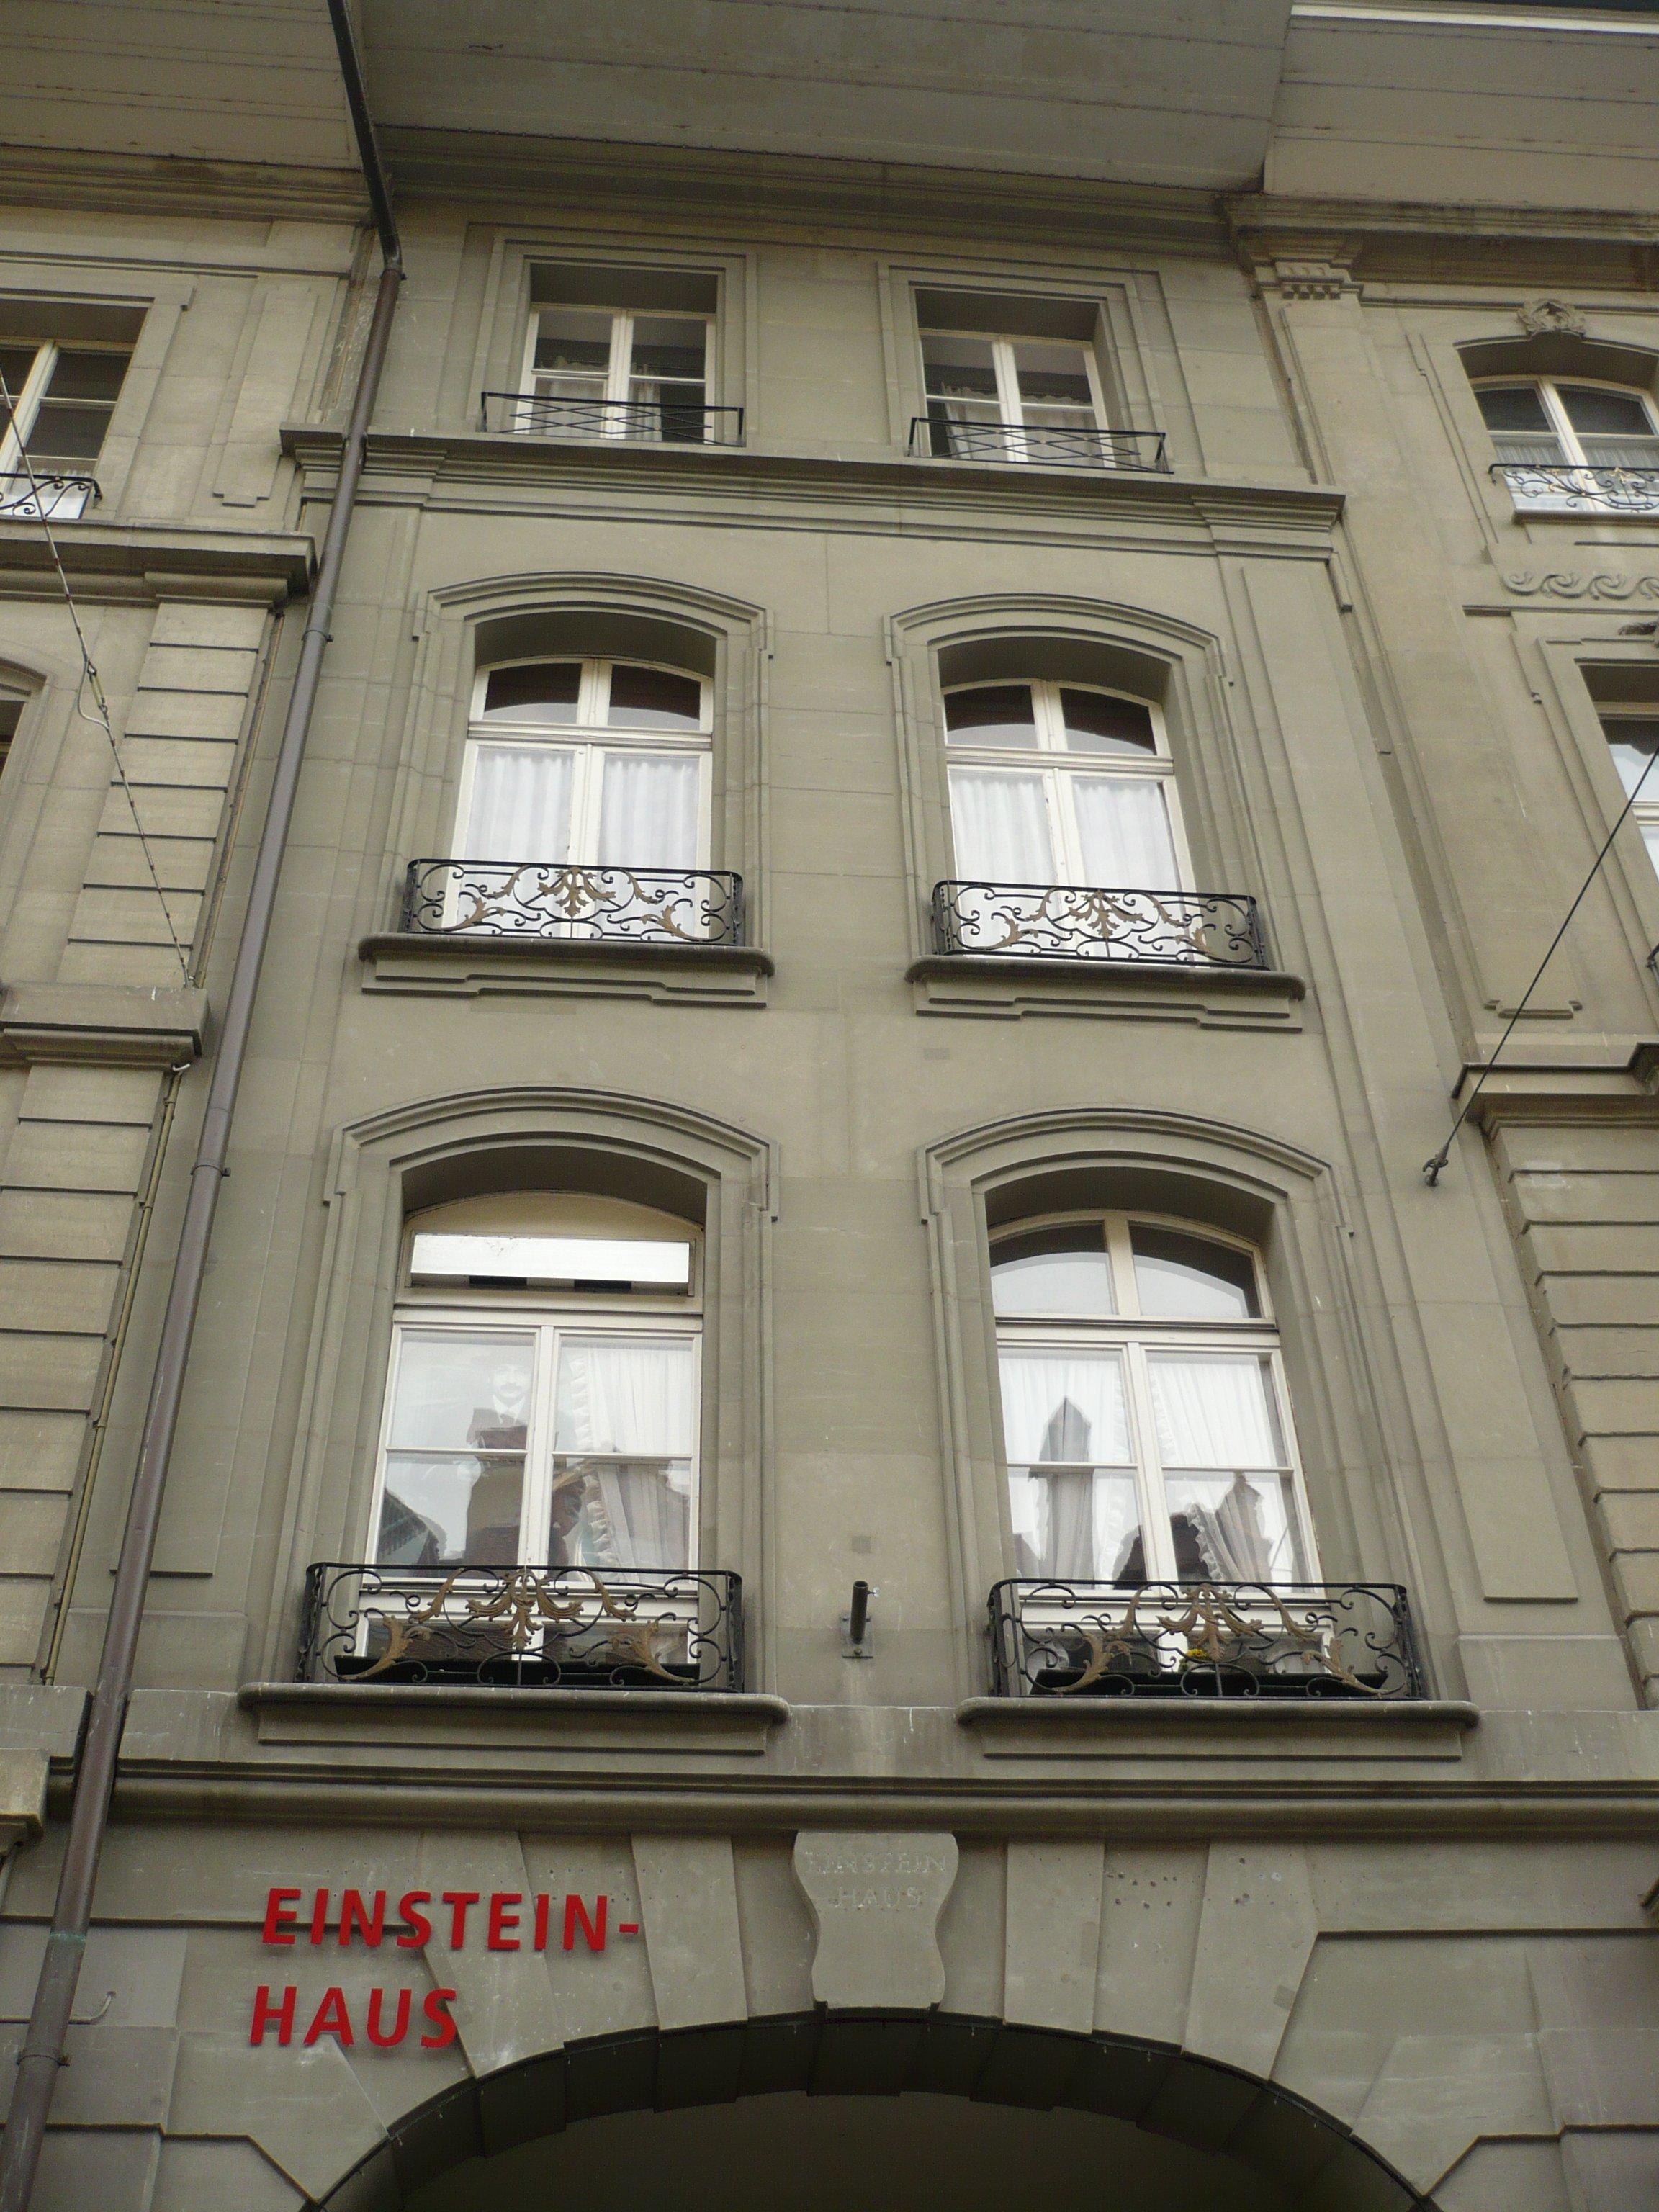 Bern - Einstein House